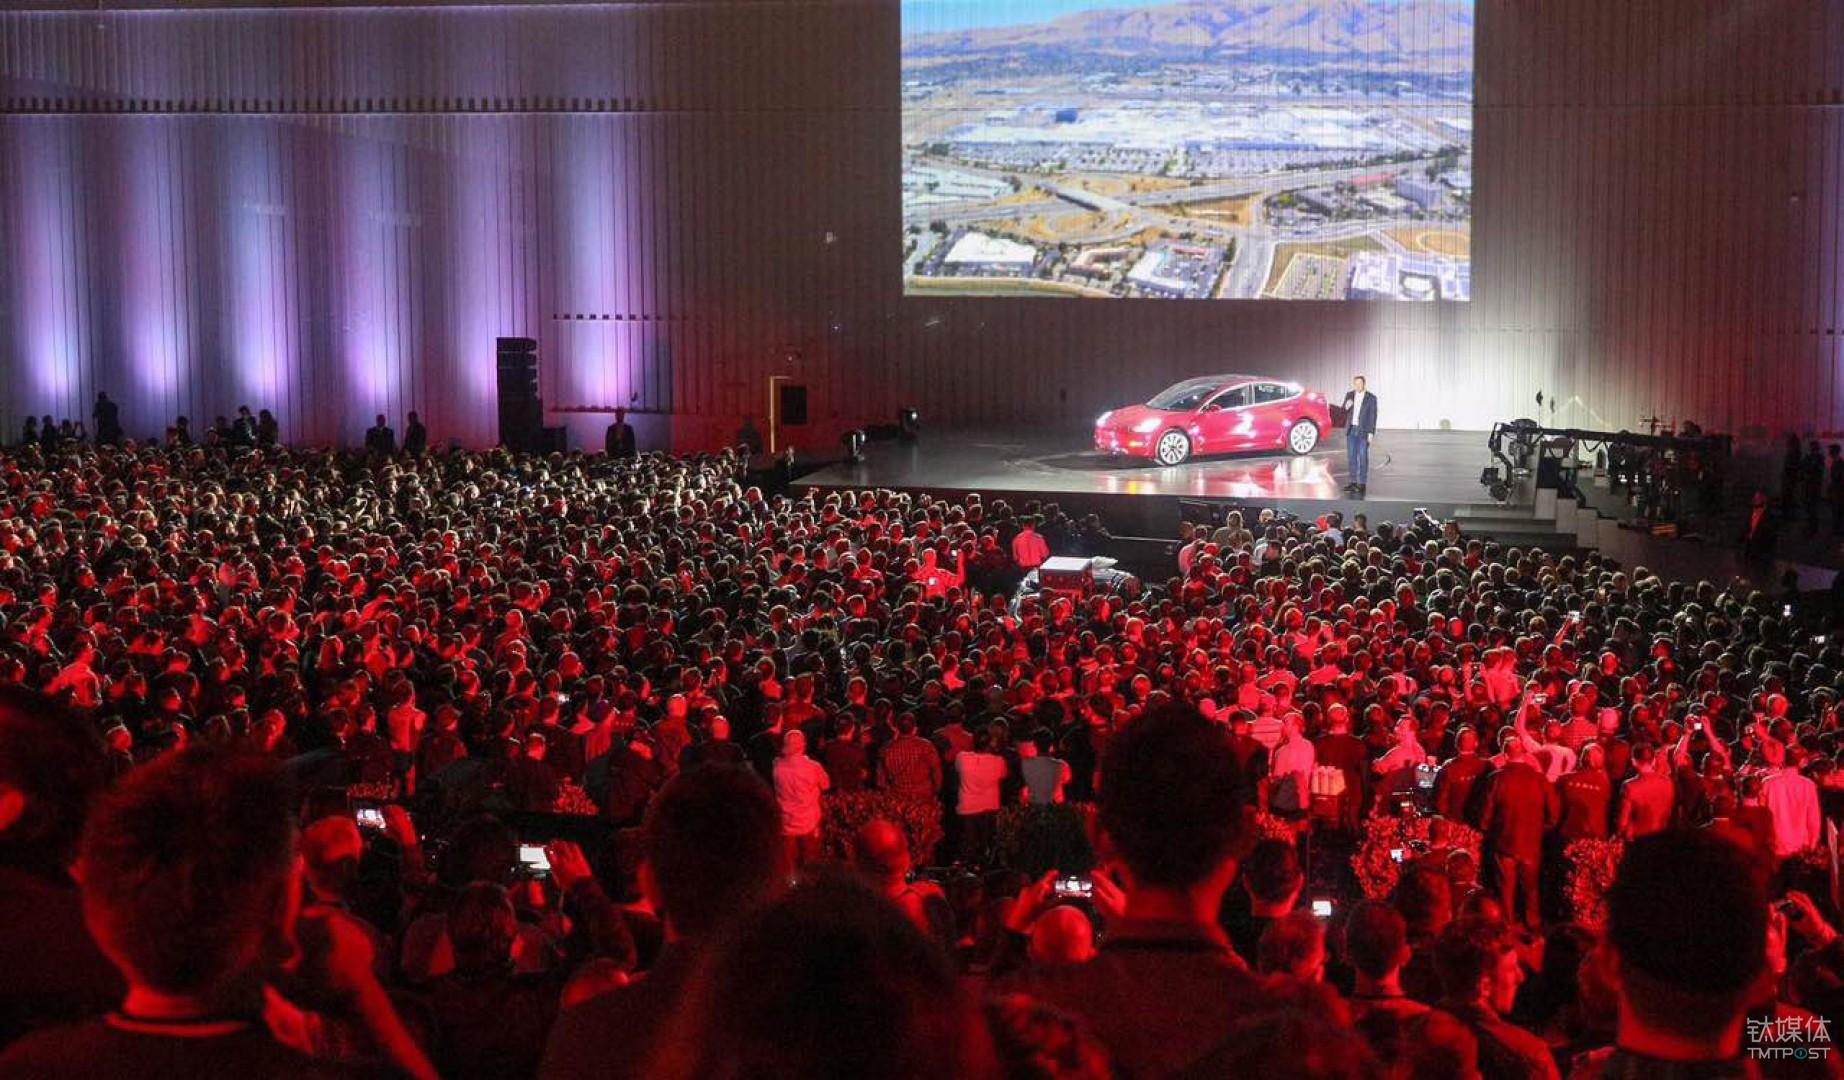 特斯拉在加州弗里蒙特市的工厂举行Model 3交付仪式